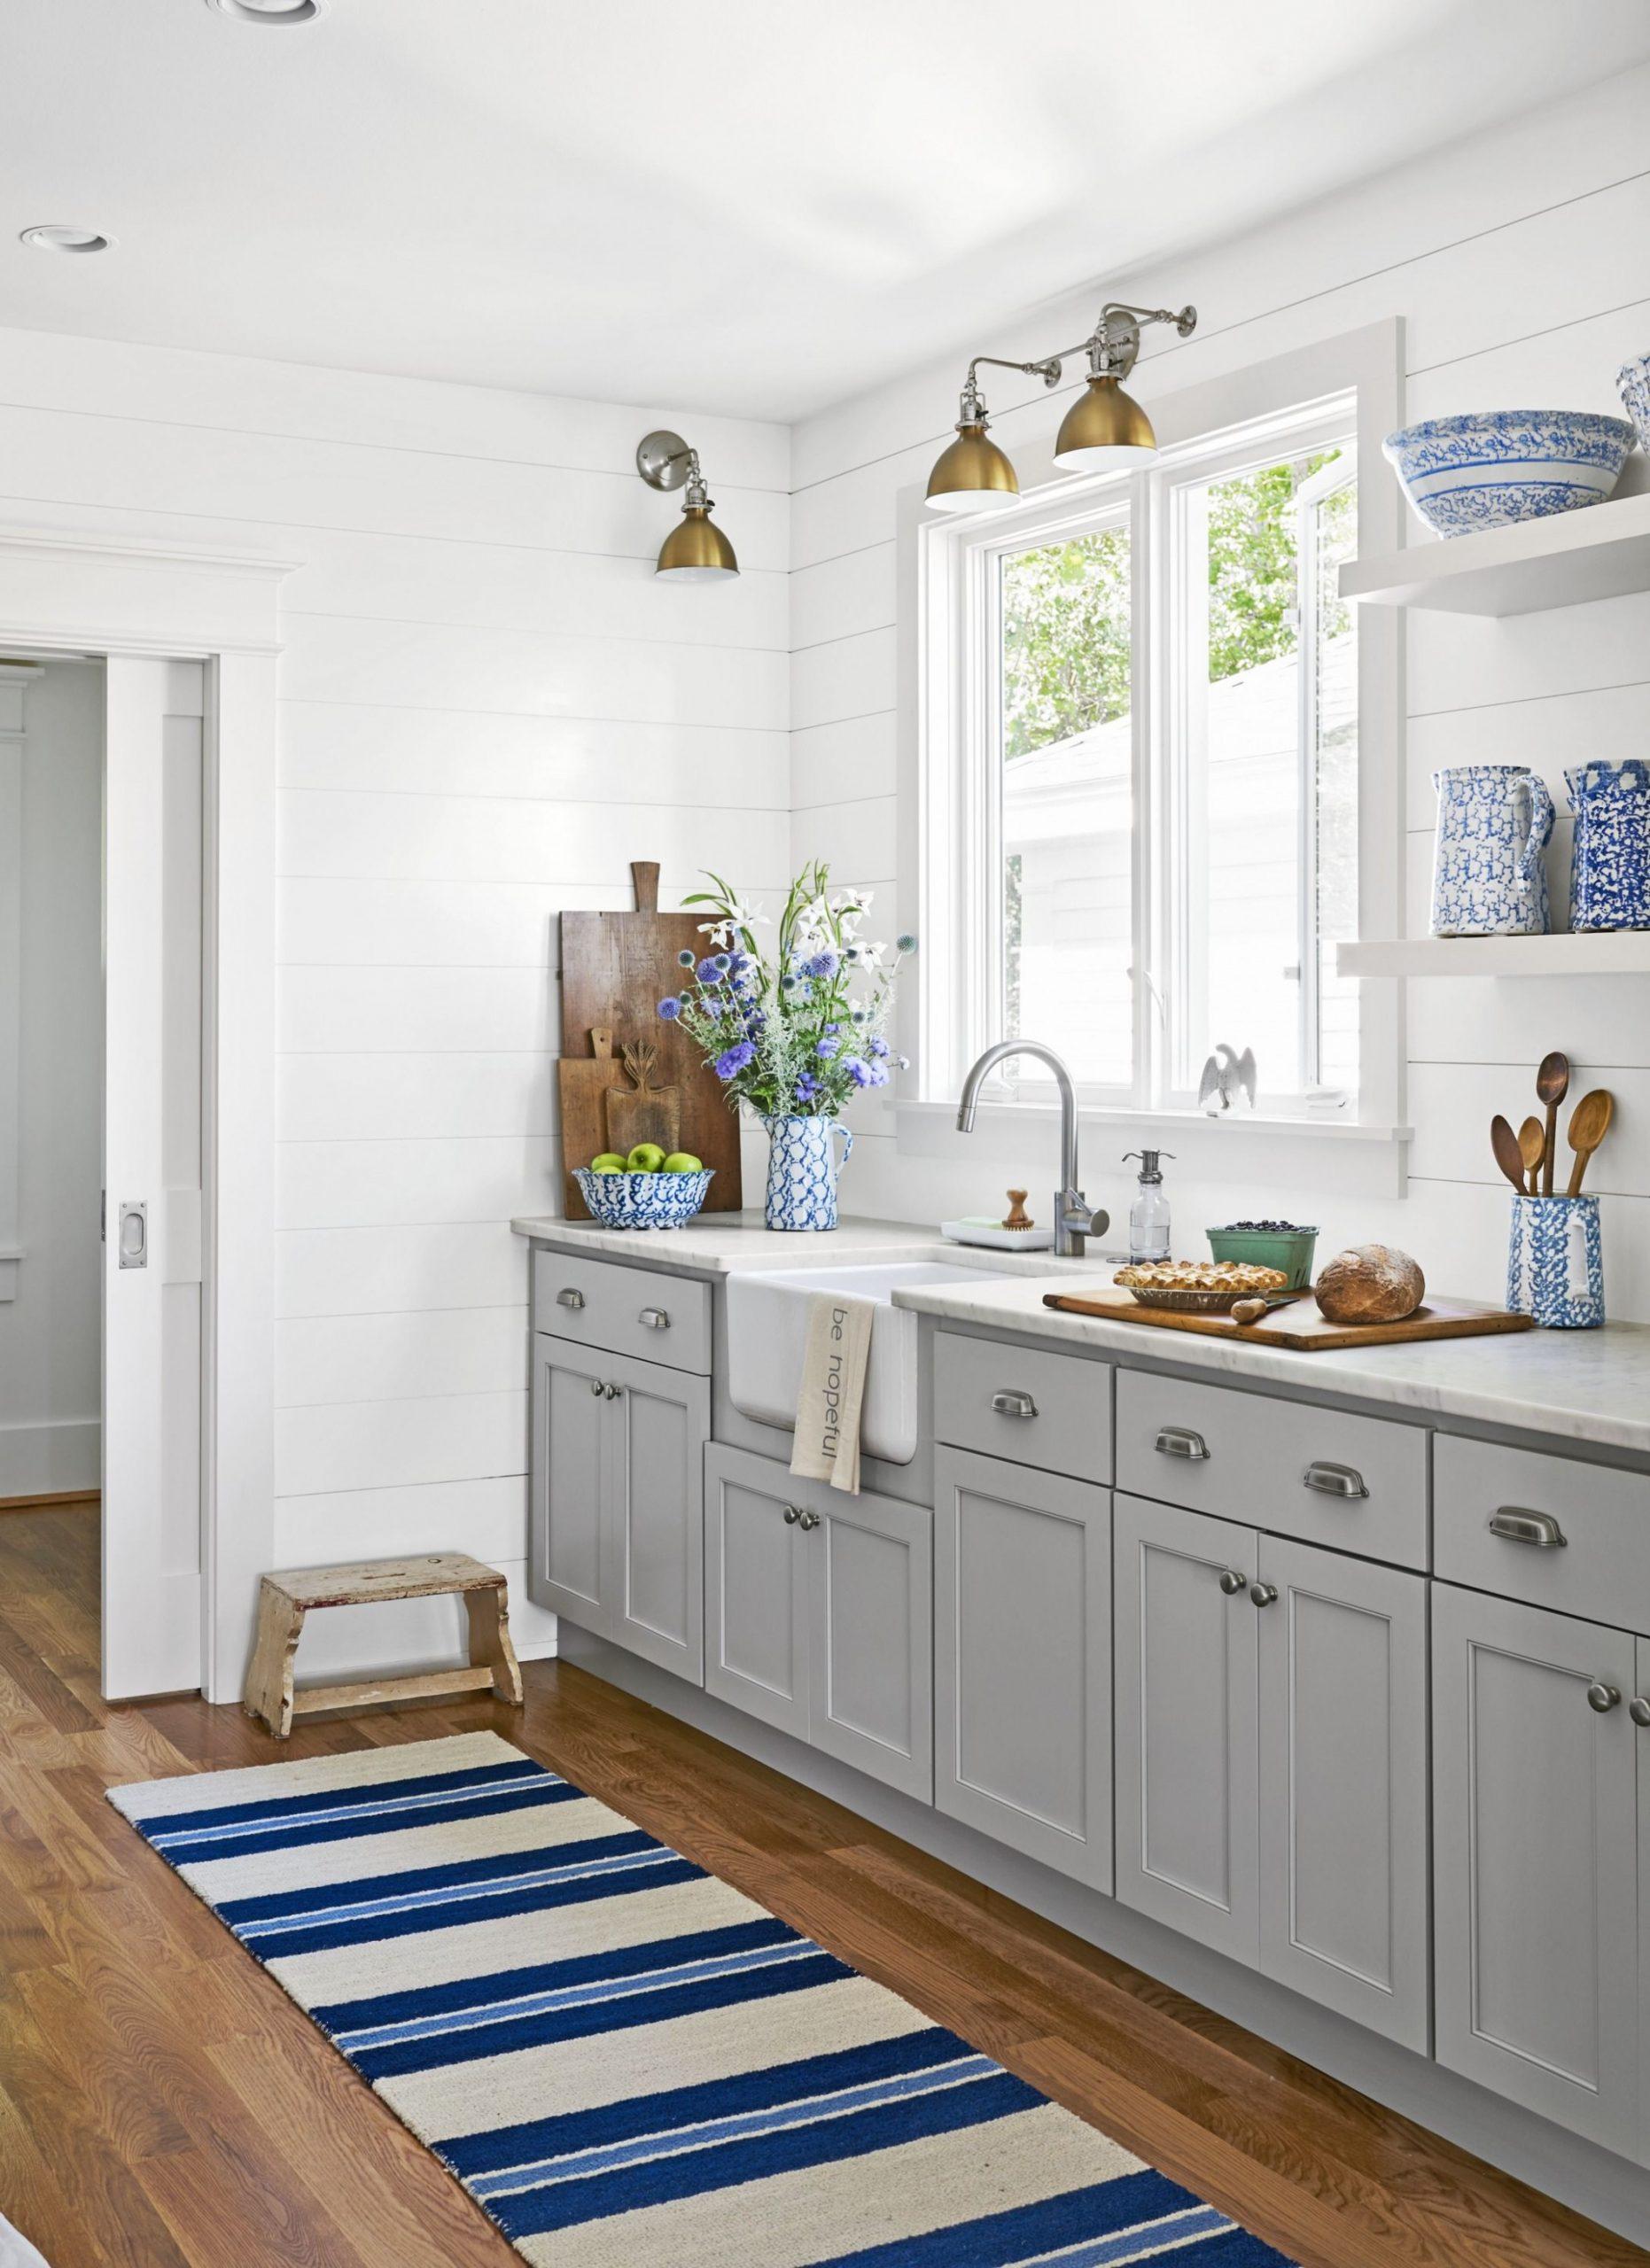 10 DIY Kitchen Cabinet Hardware Ideas — Best Kitchen Cabinet Hardware - Kitchen Cabinet Handle Design